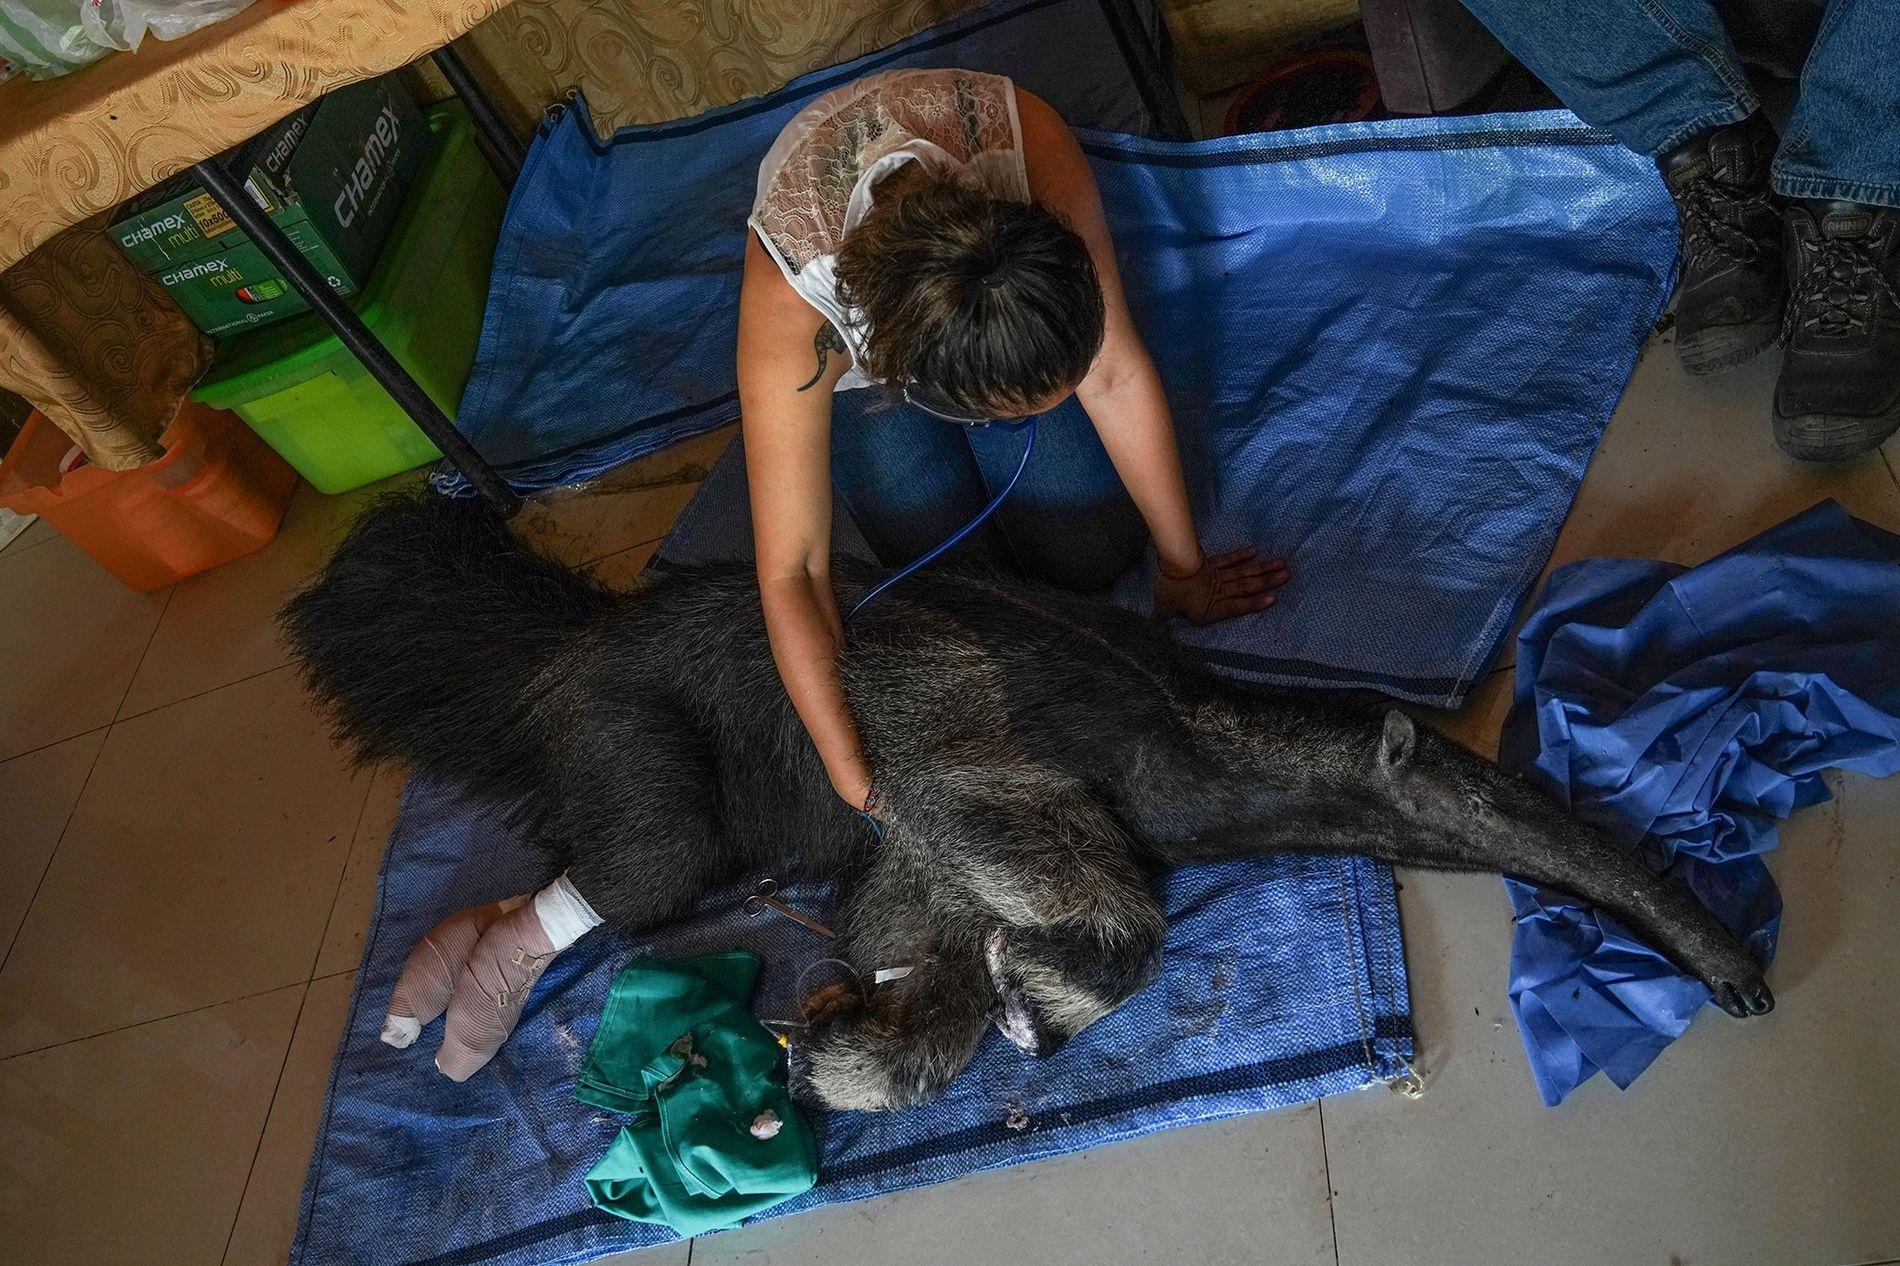 Die Biologin Daniela Vidal überwacht die Vitalzeichen des Ameisenbären Valentina. Kurz nachdem das Tier mit Verbrennungen ...